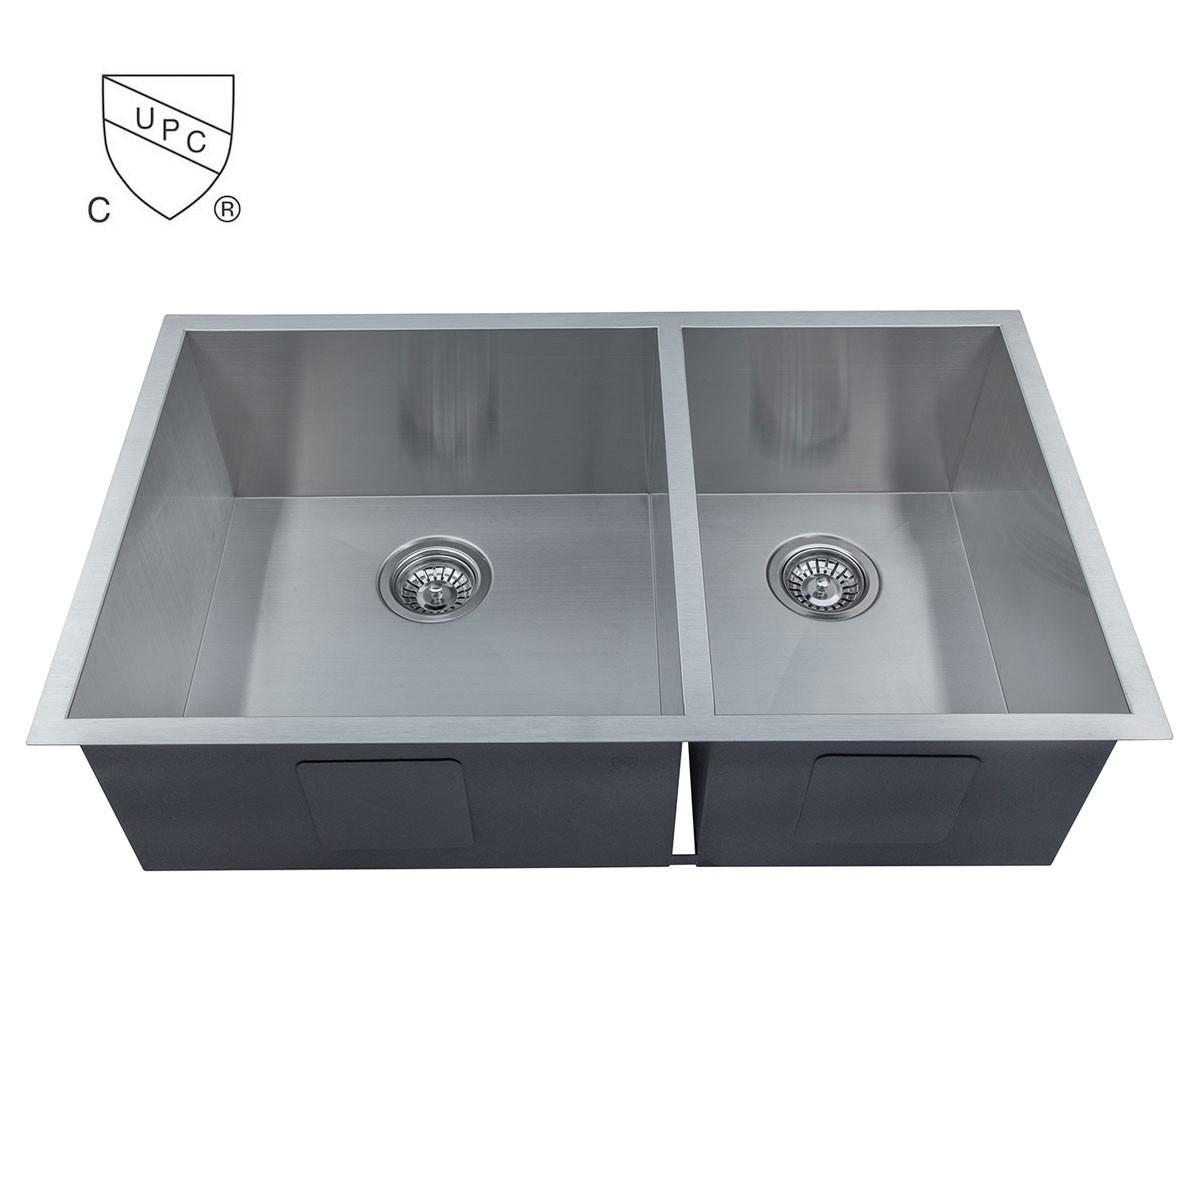 Stainless Steel Handmade Kitchen Sink (D3320-R0)